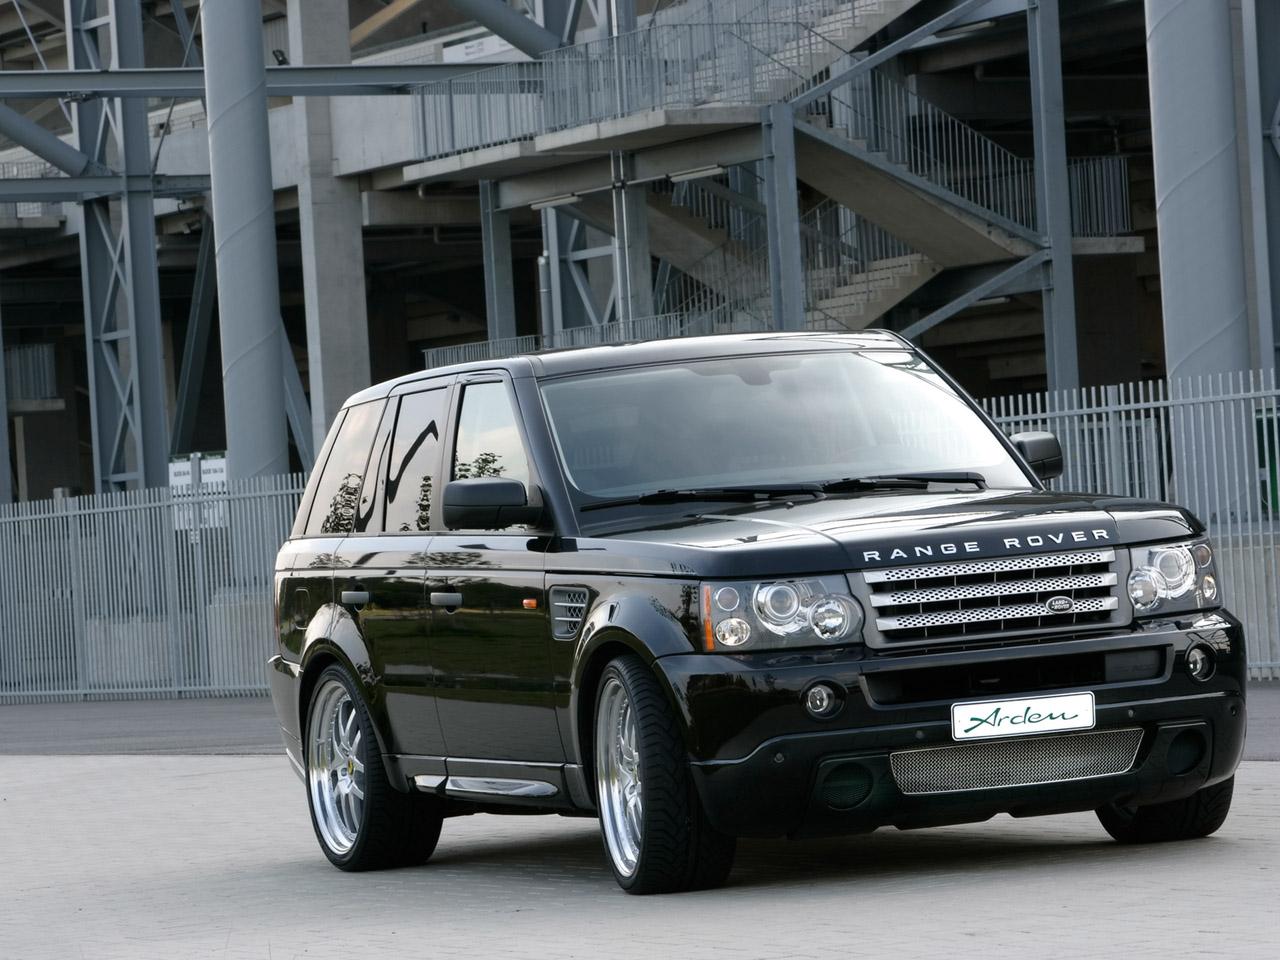 land rover range rover black automotive todays. Black Bedroom Furniture Sets. Home Design Ideas